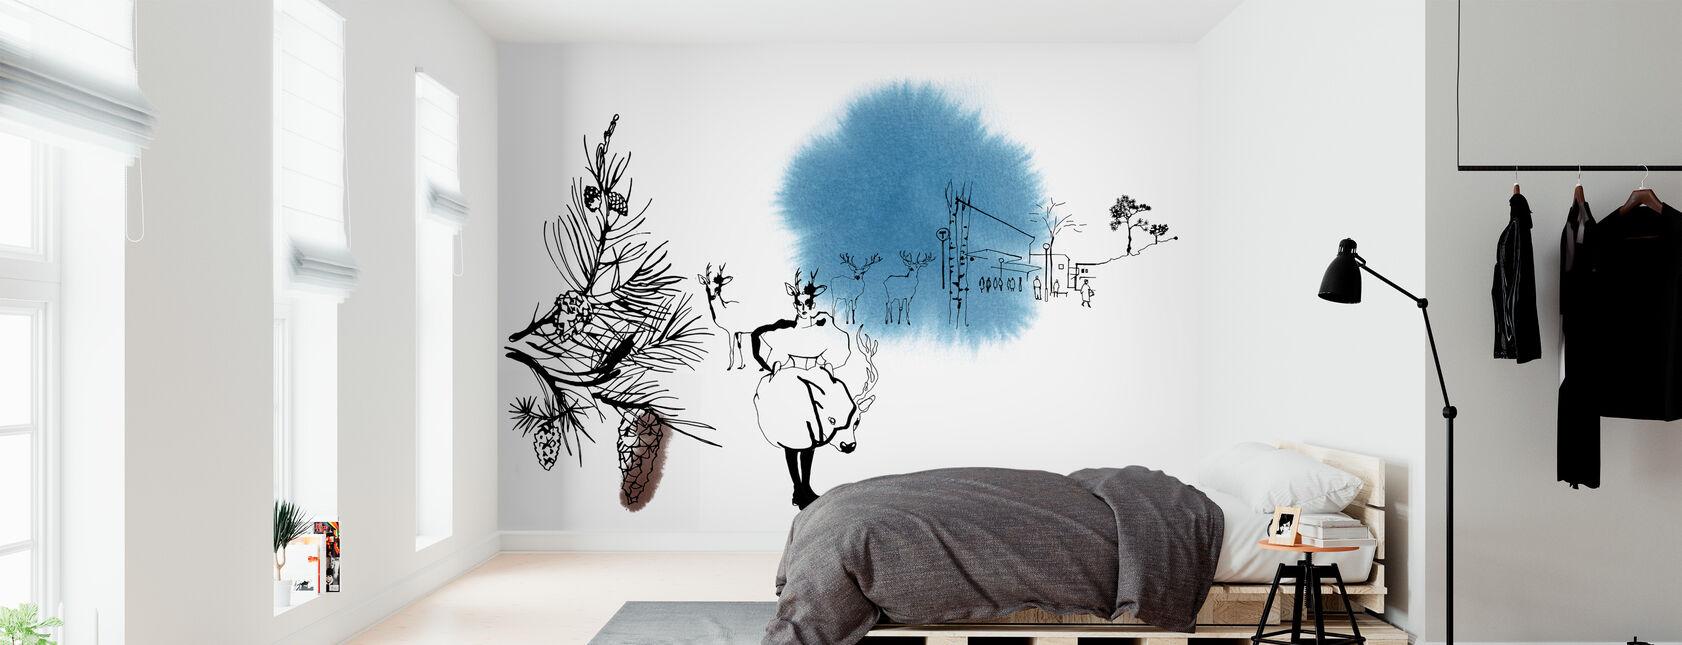 Björkhagen - Wallpaper - Bedroom